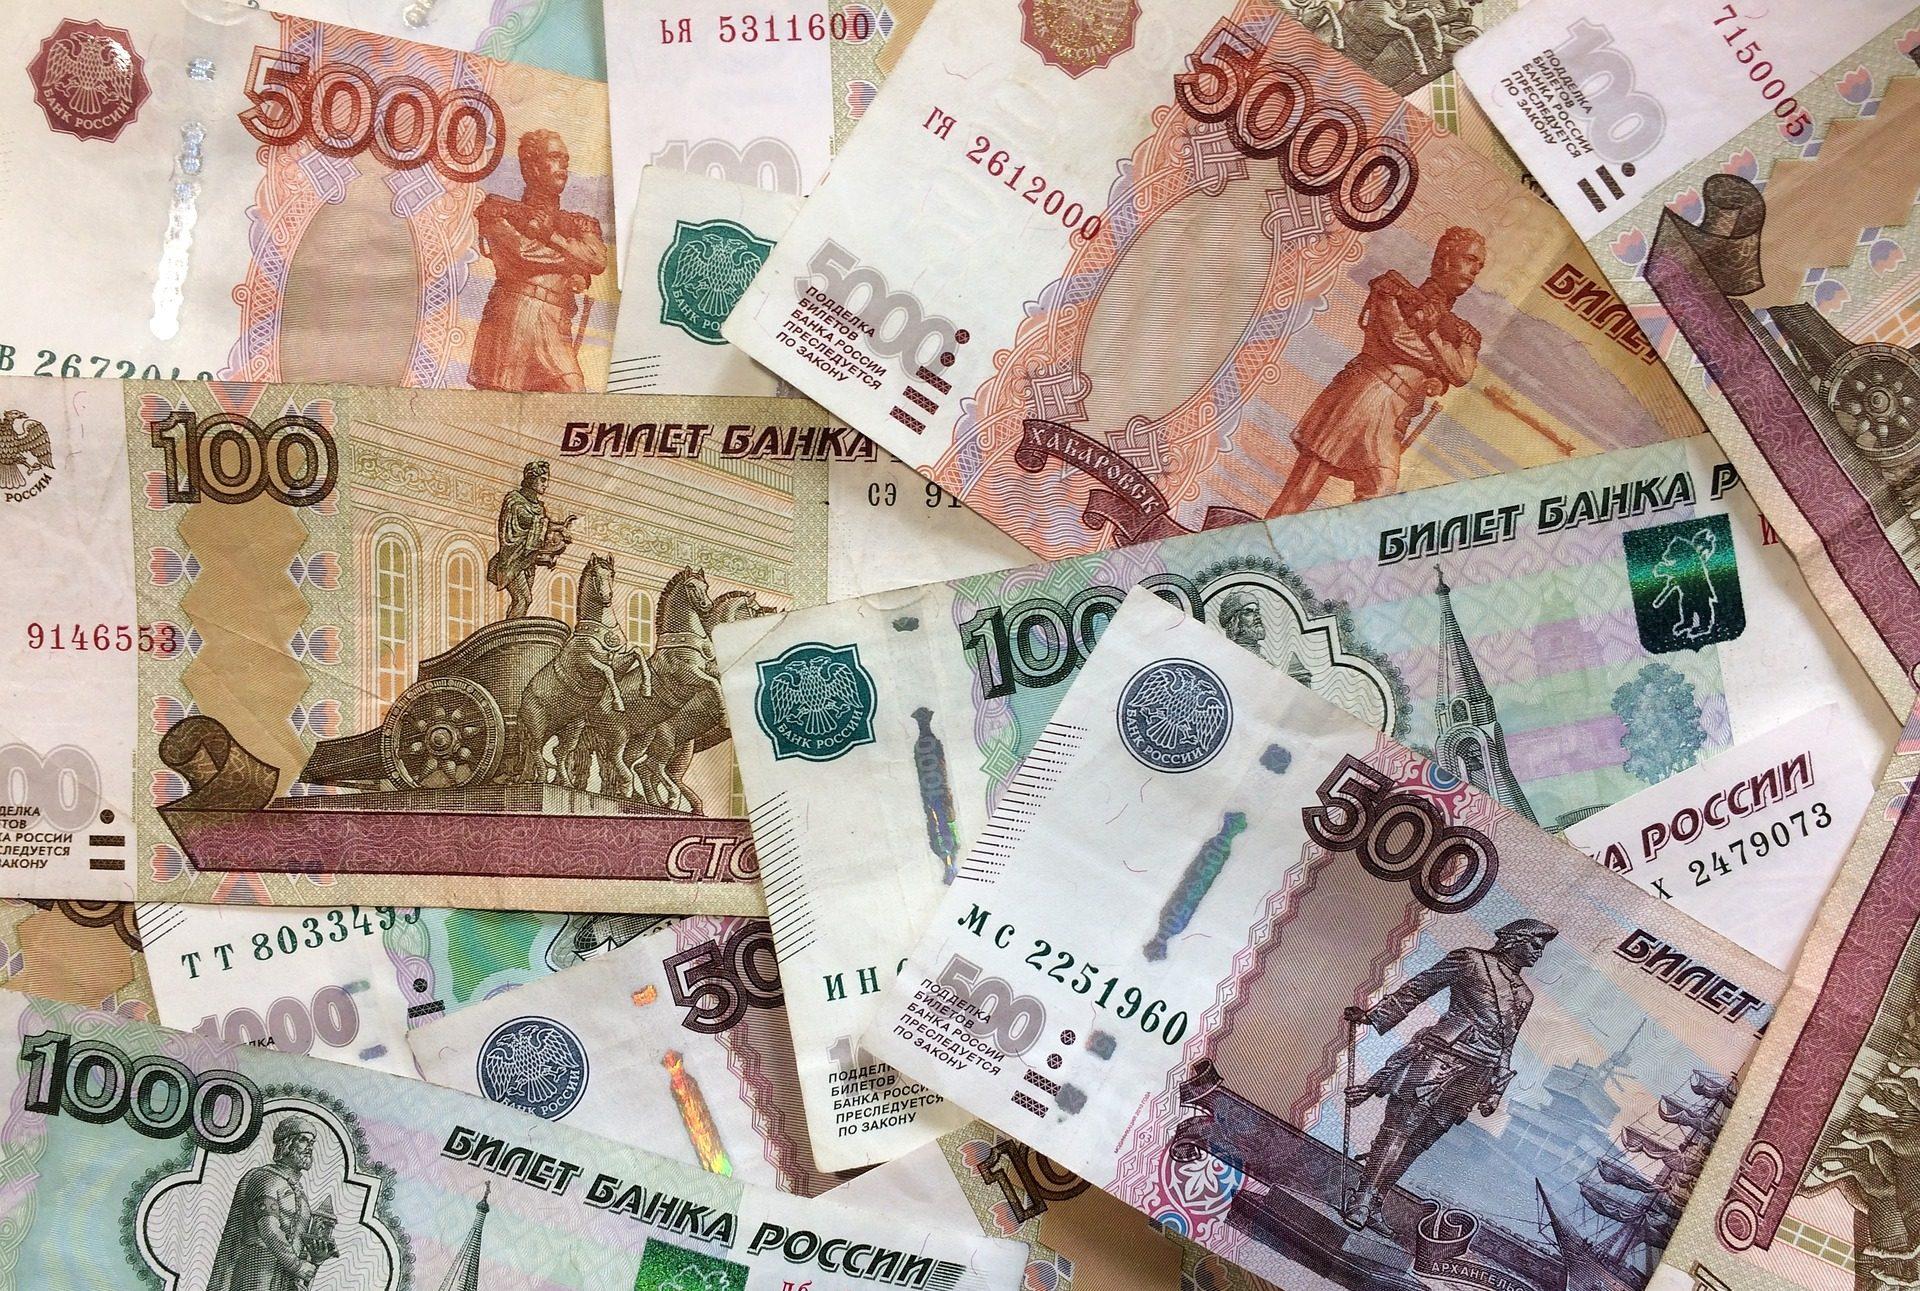 Líder de Mercados Financieros en el parlamento de Rusia, considera que la emisión del rublo digital podría suceder rápidamente